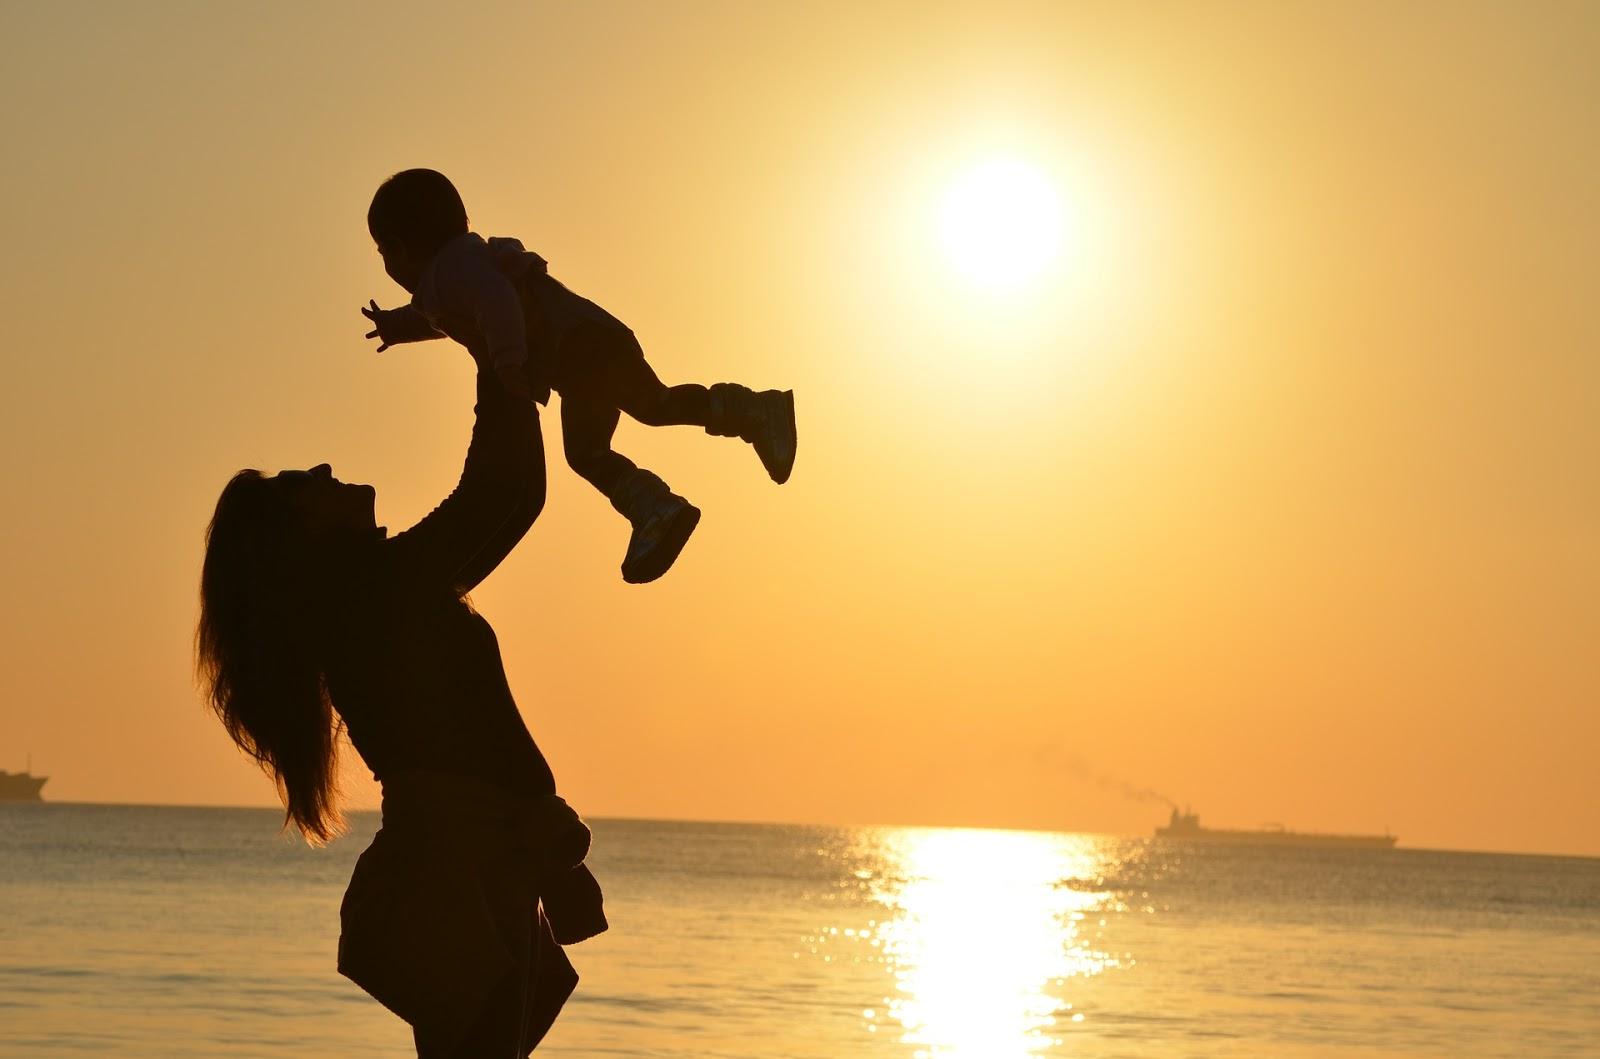 بالصور قصيدة عن الام مكتوبة , اجمل قصائد يمكن ان تكتب عن الام 6229 8